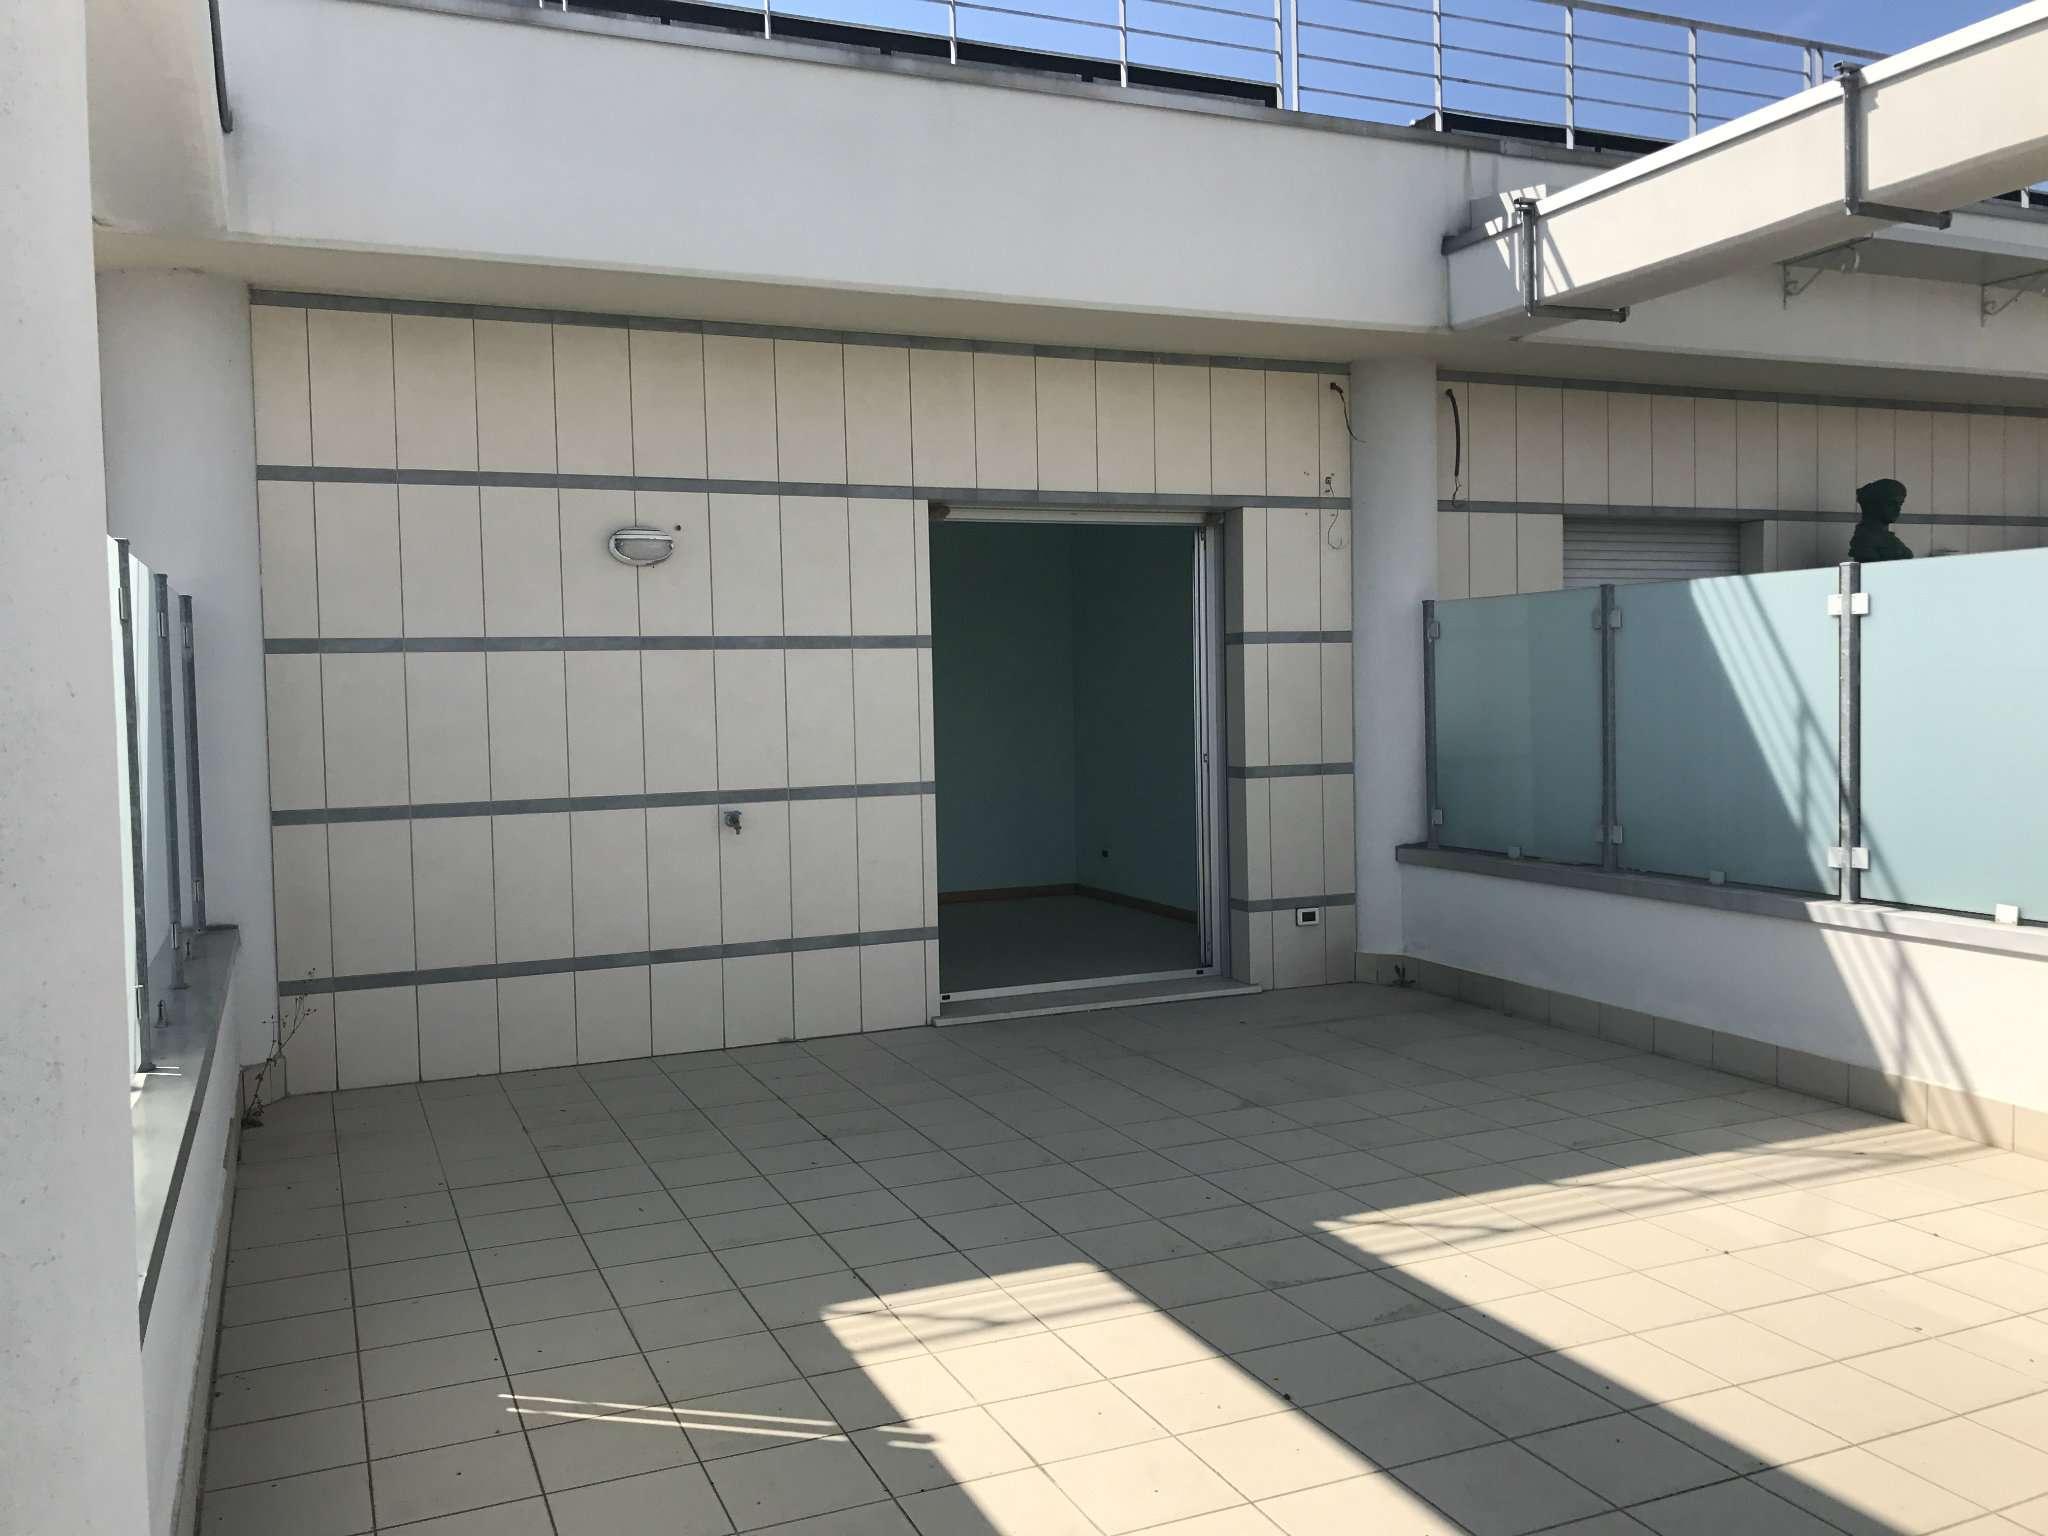 Ufficio / Studio in vendita a San Clemente, 3 locali, prezzo € 90.000   CambioCasa.it